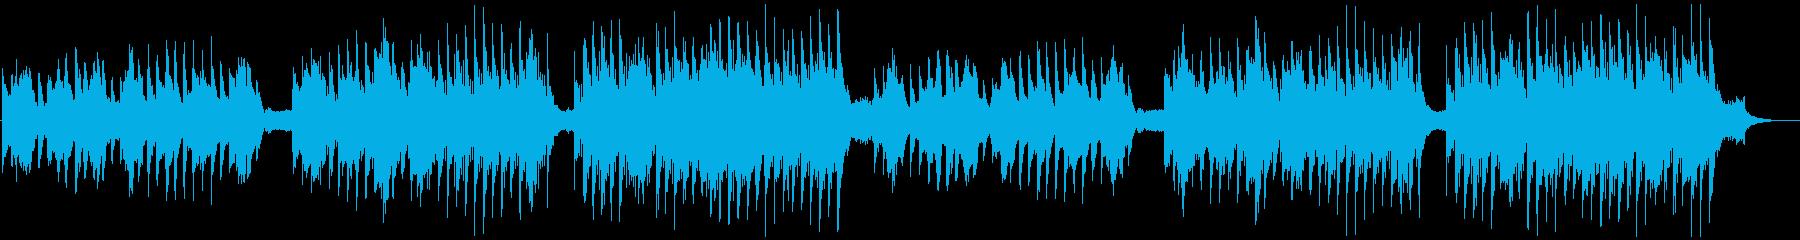 Post Classical 5の再生済みの波形